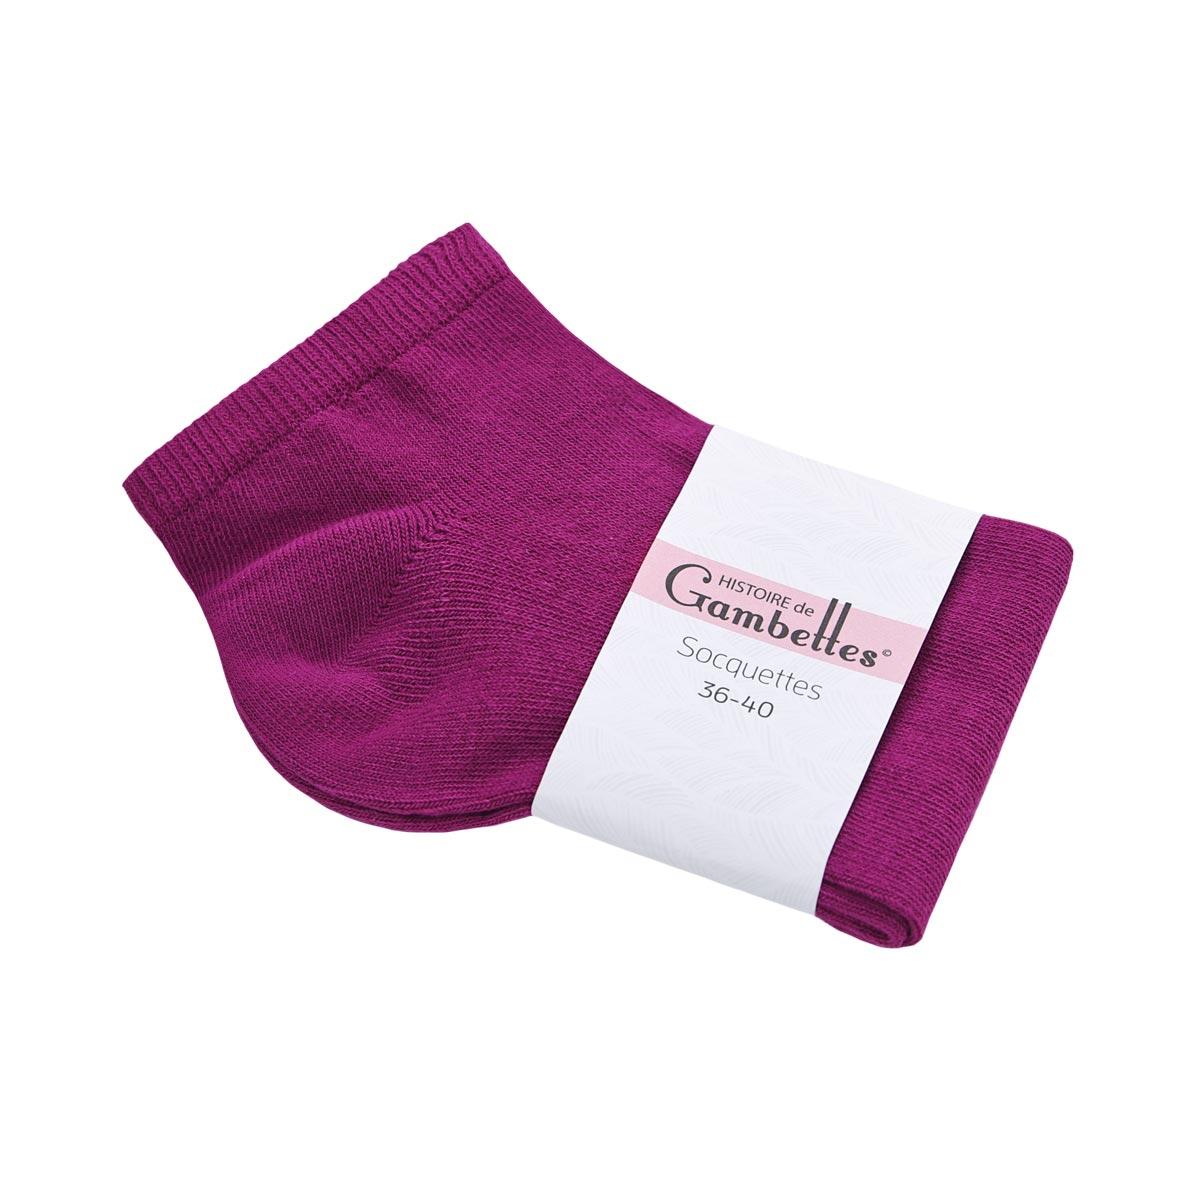 CH-00498_E12-1--_Soquettes-femme-violettes